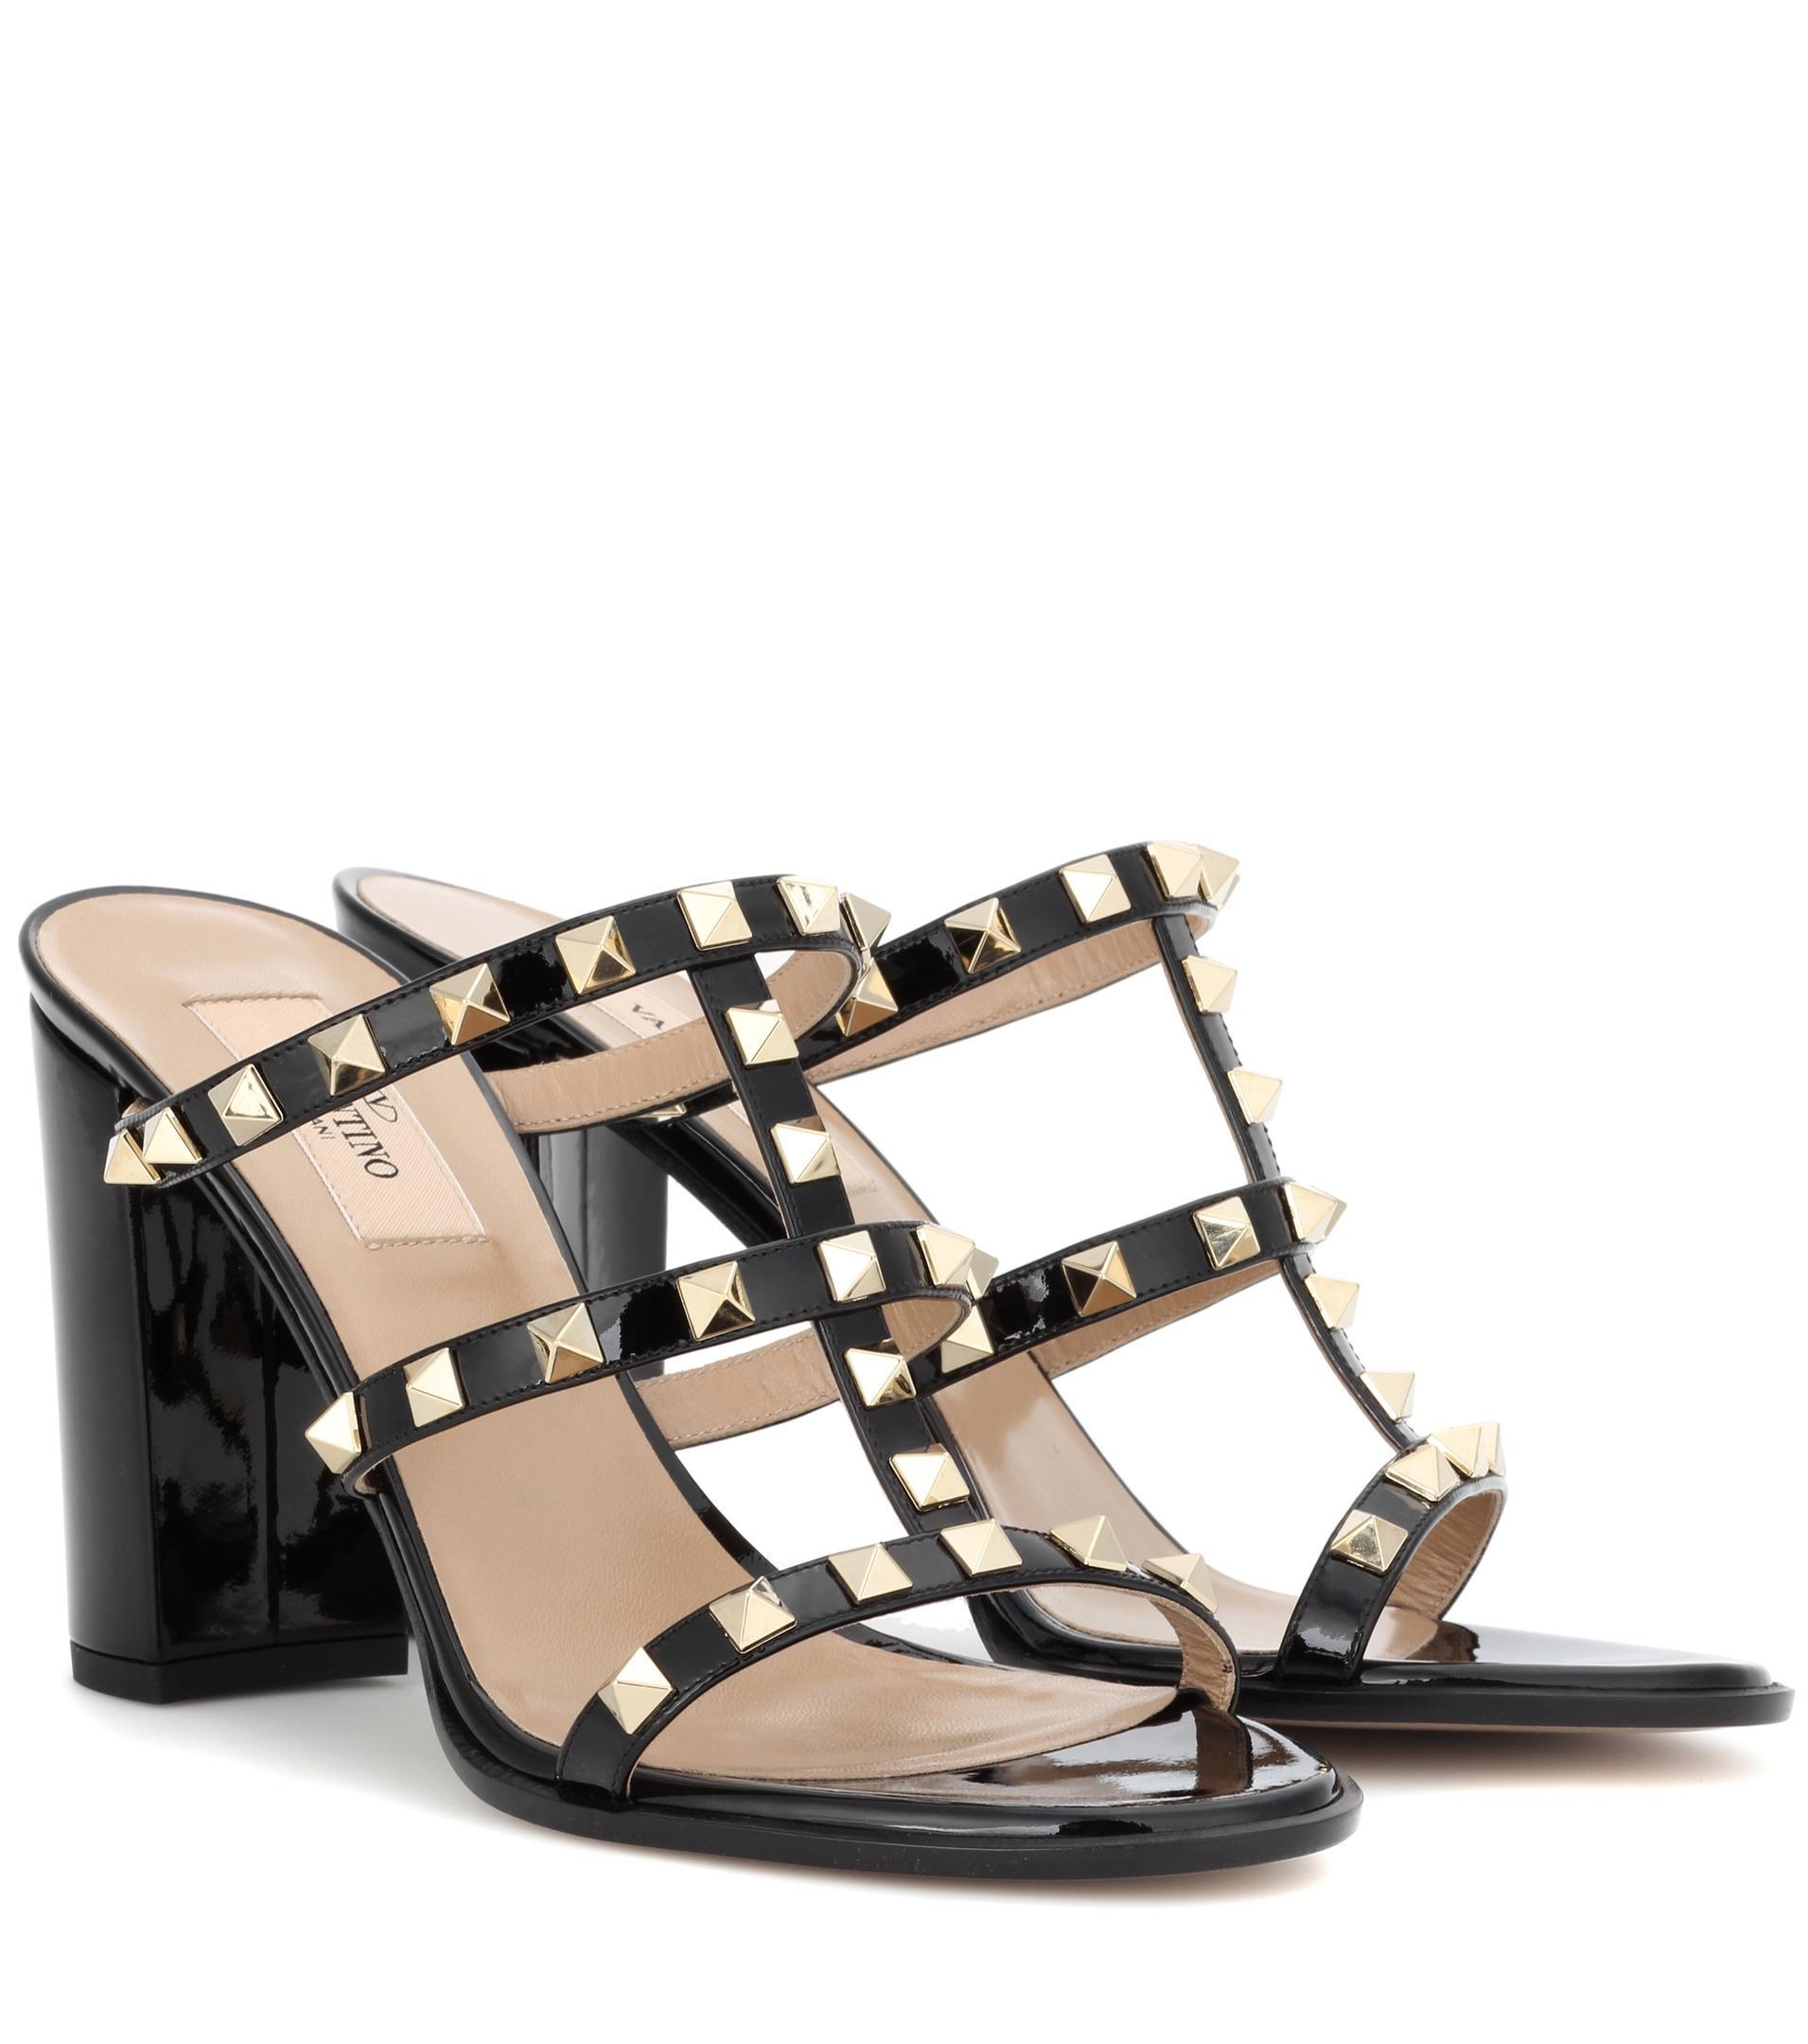 a572f96c940657 Valentino Rockstud Sandals Black